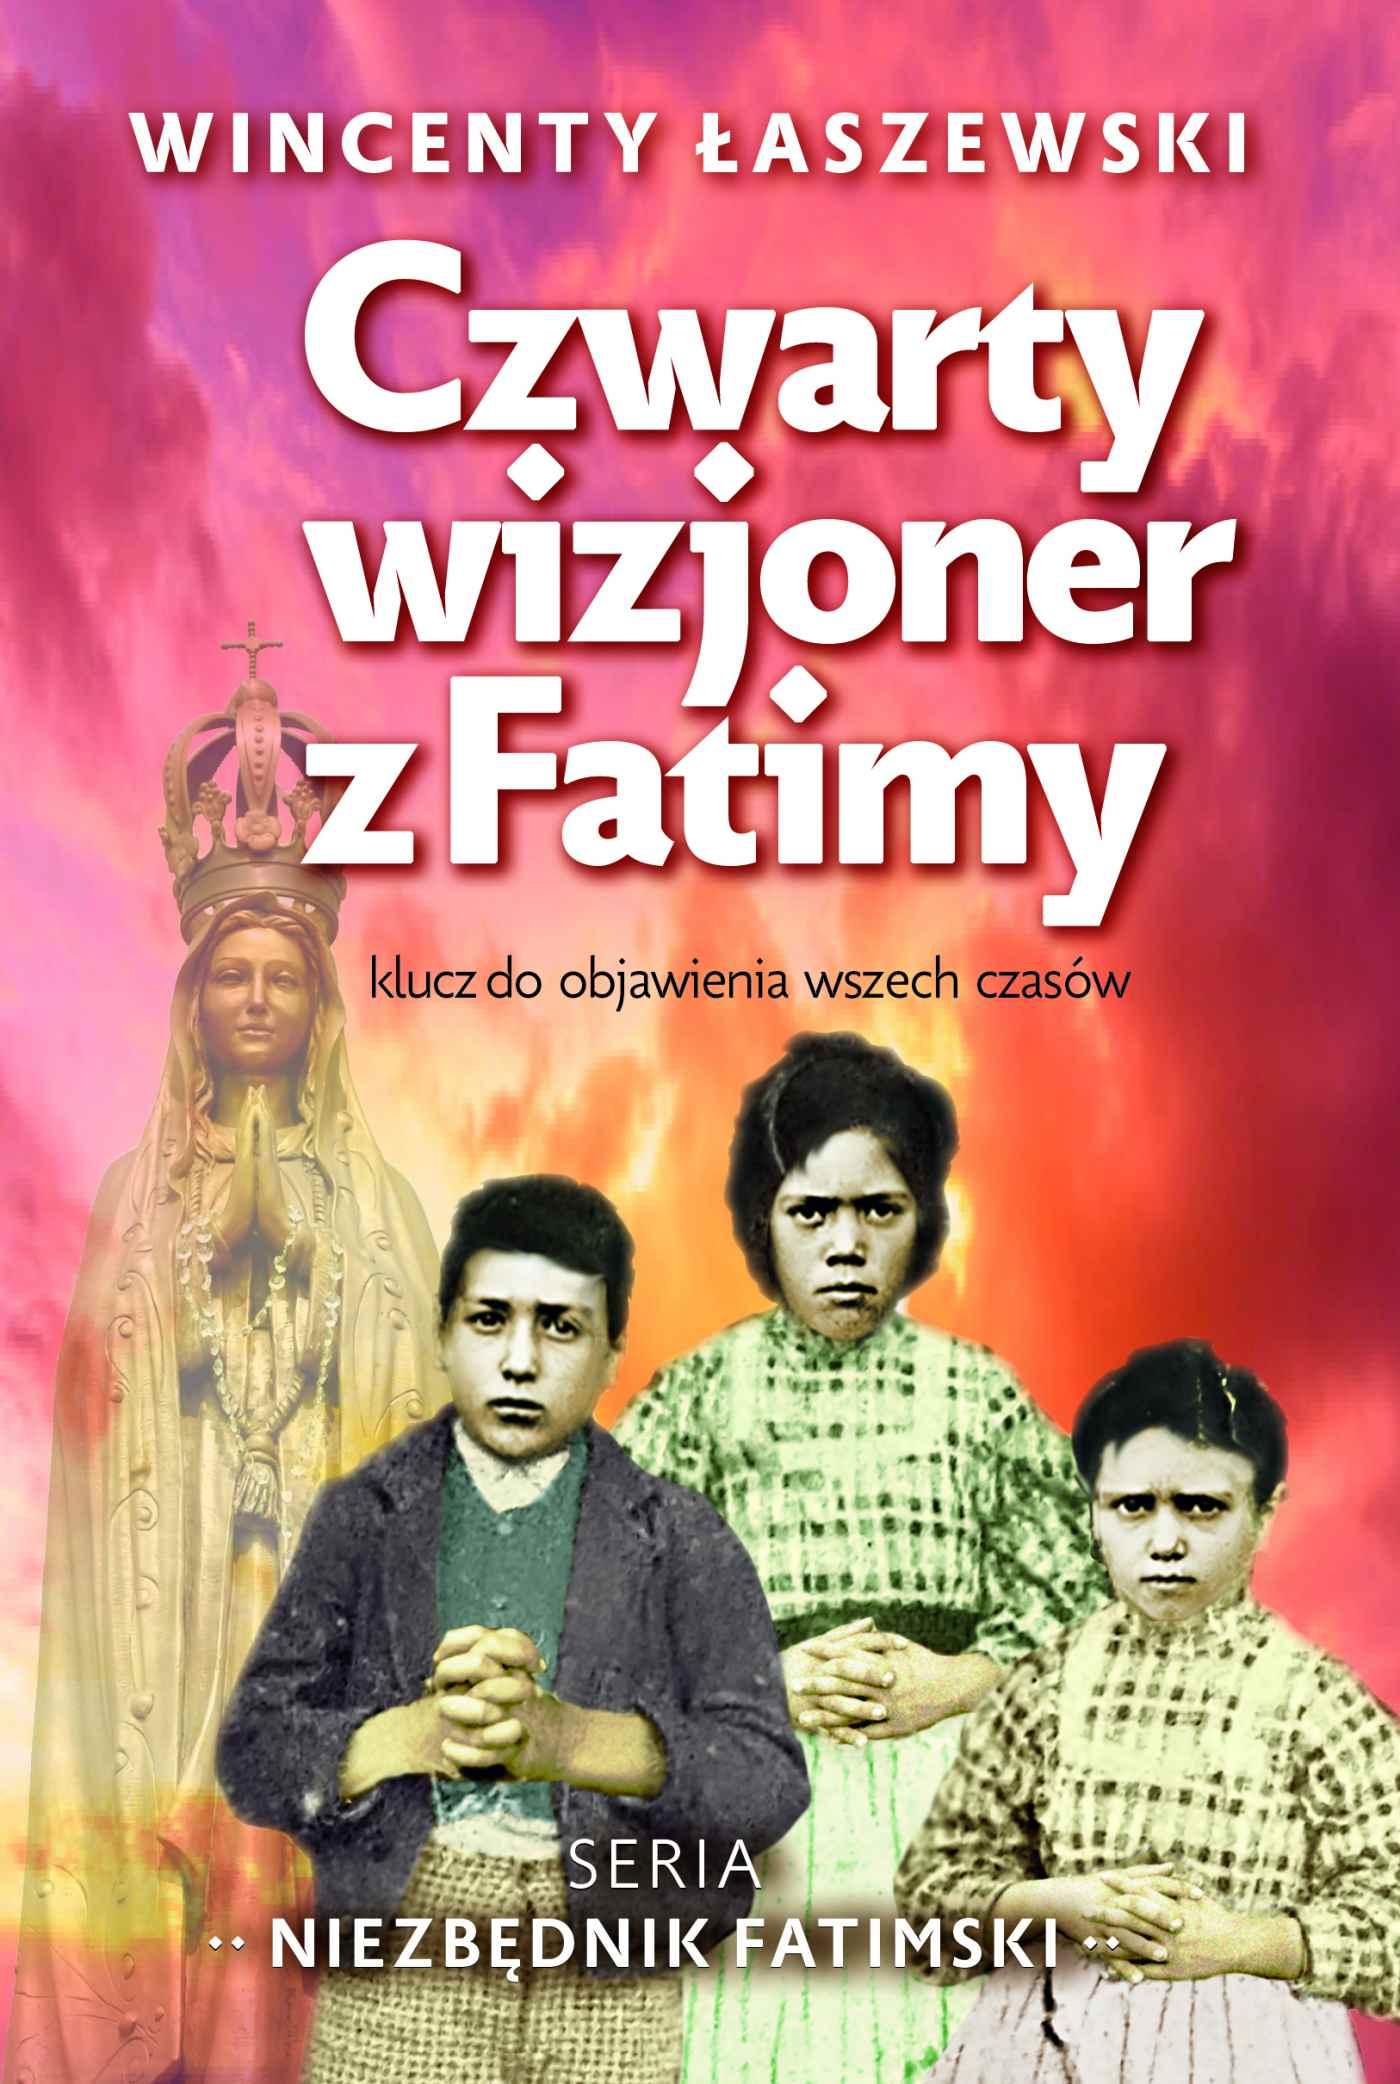 Czwarty wizjoner z Fatimy - Ebook (Książka na Kindle) do pobrania w formacie MOBI